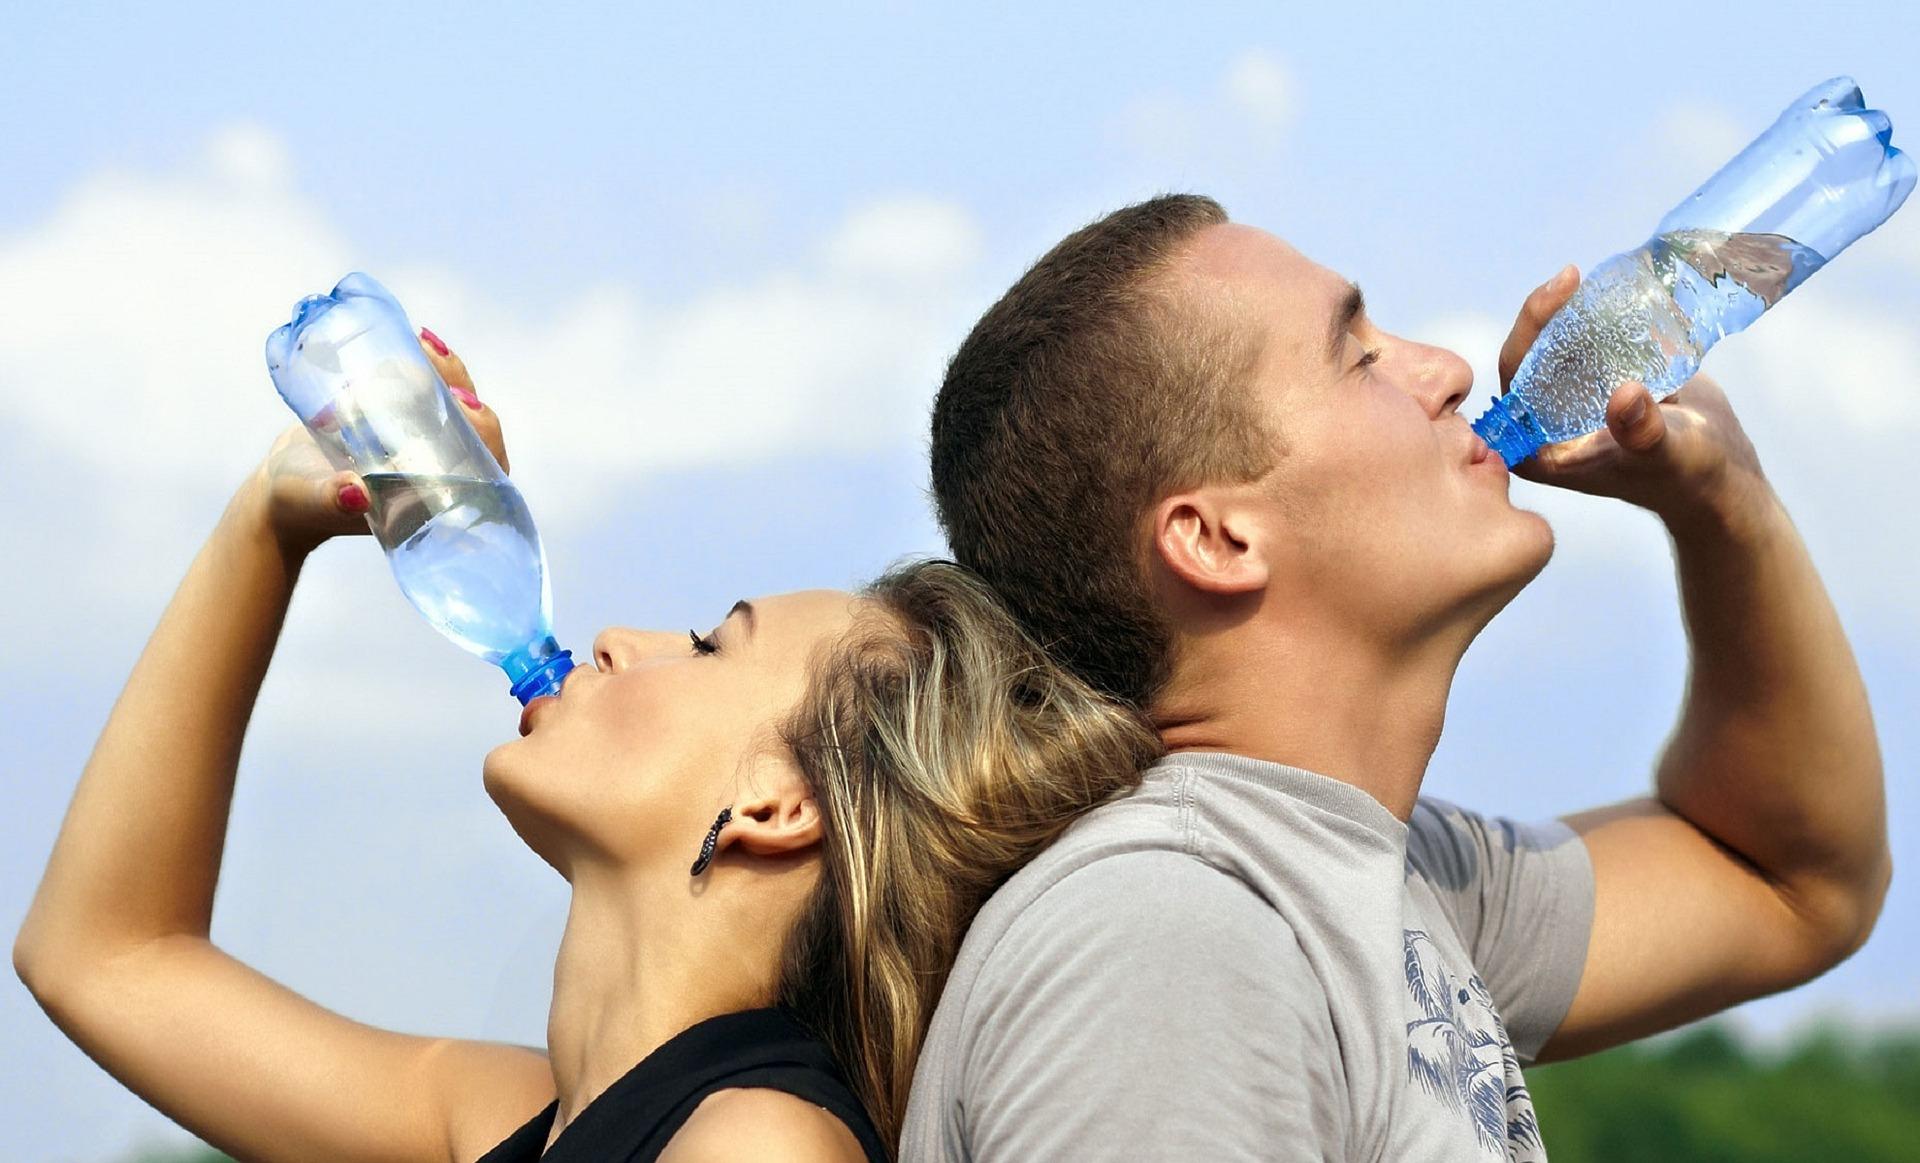 quelle boisson pour augmenter vos performances sportives